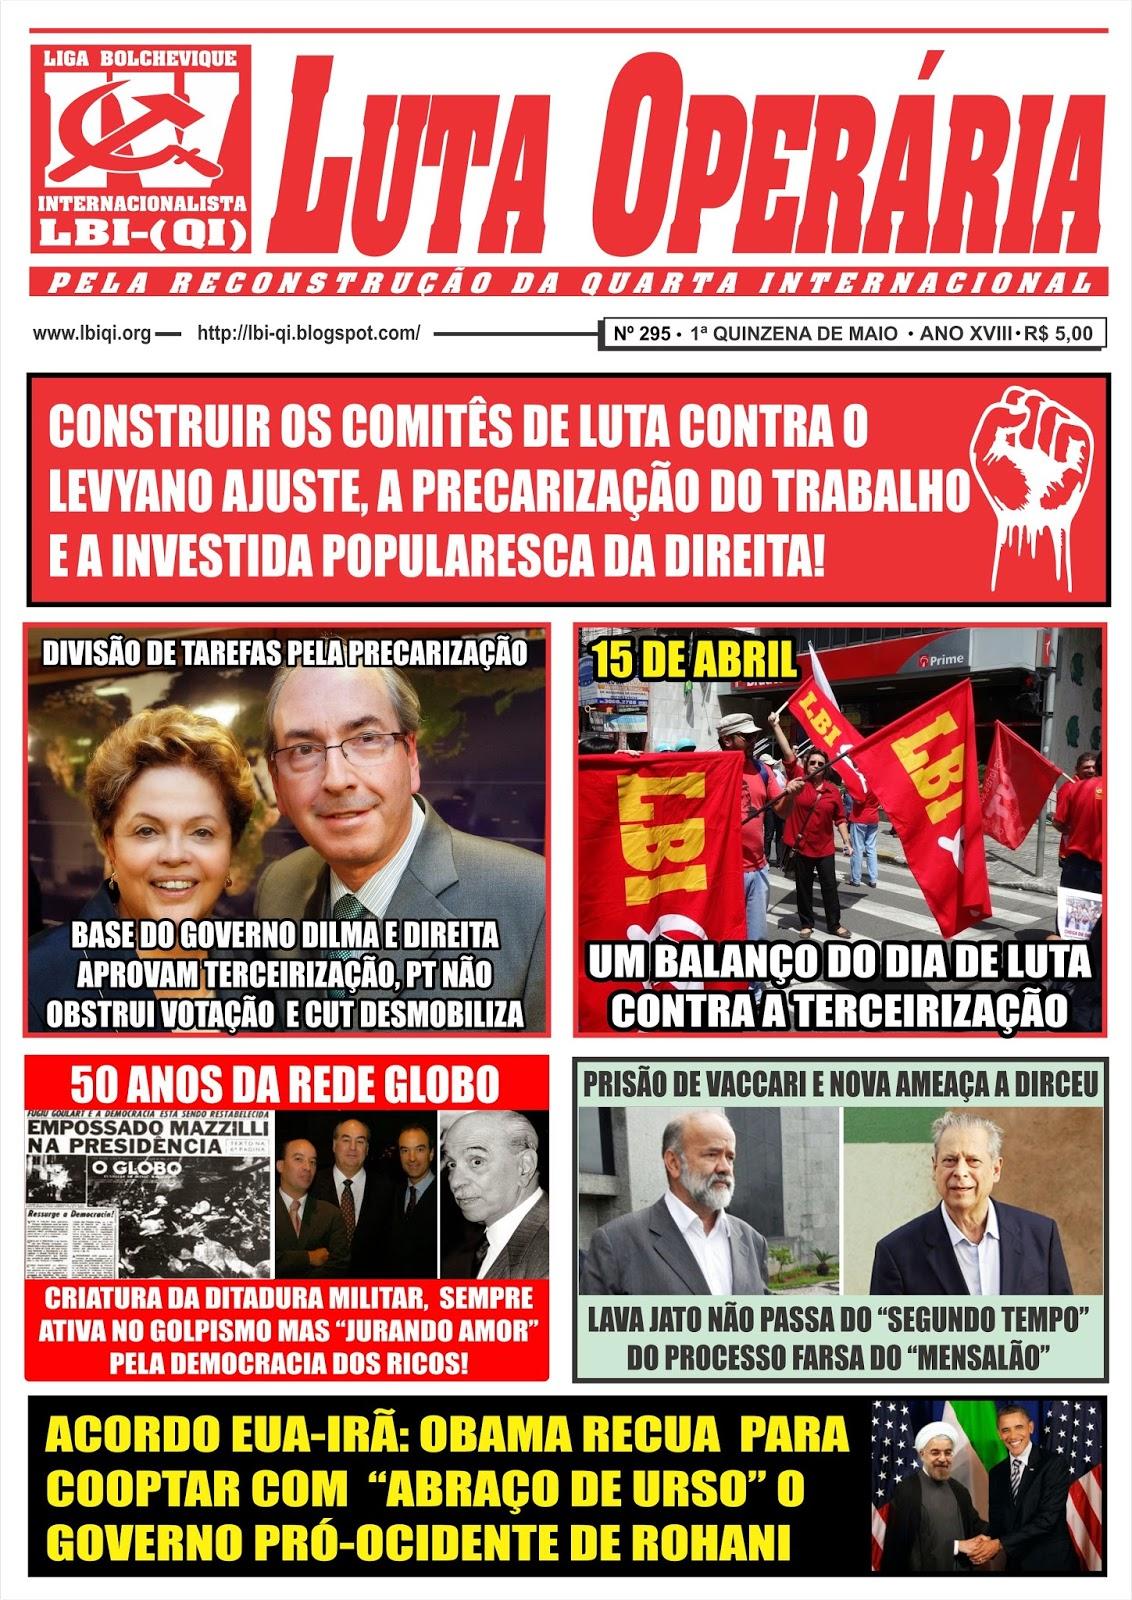 LEIA A EDIÇÃO DO JORNAL LUTA OPERÁRIA, Nº 295, 1ª QUINZENA DE MAIO/2015